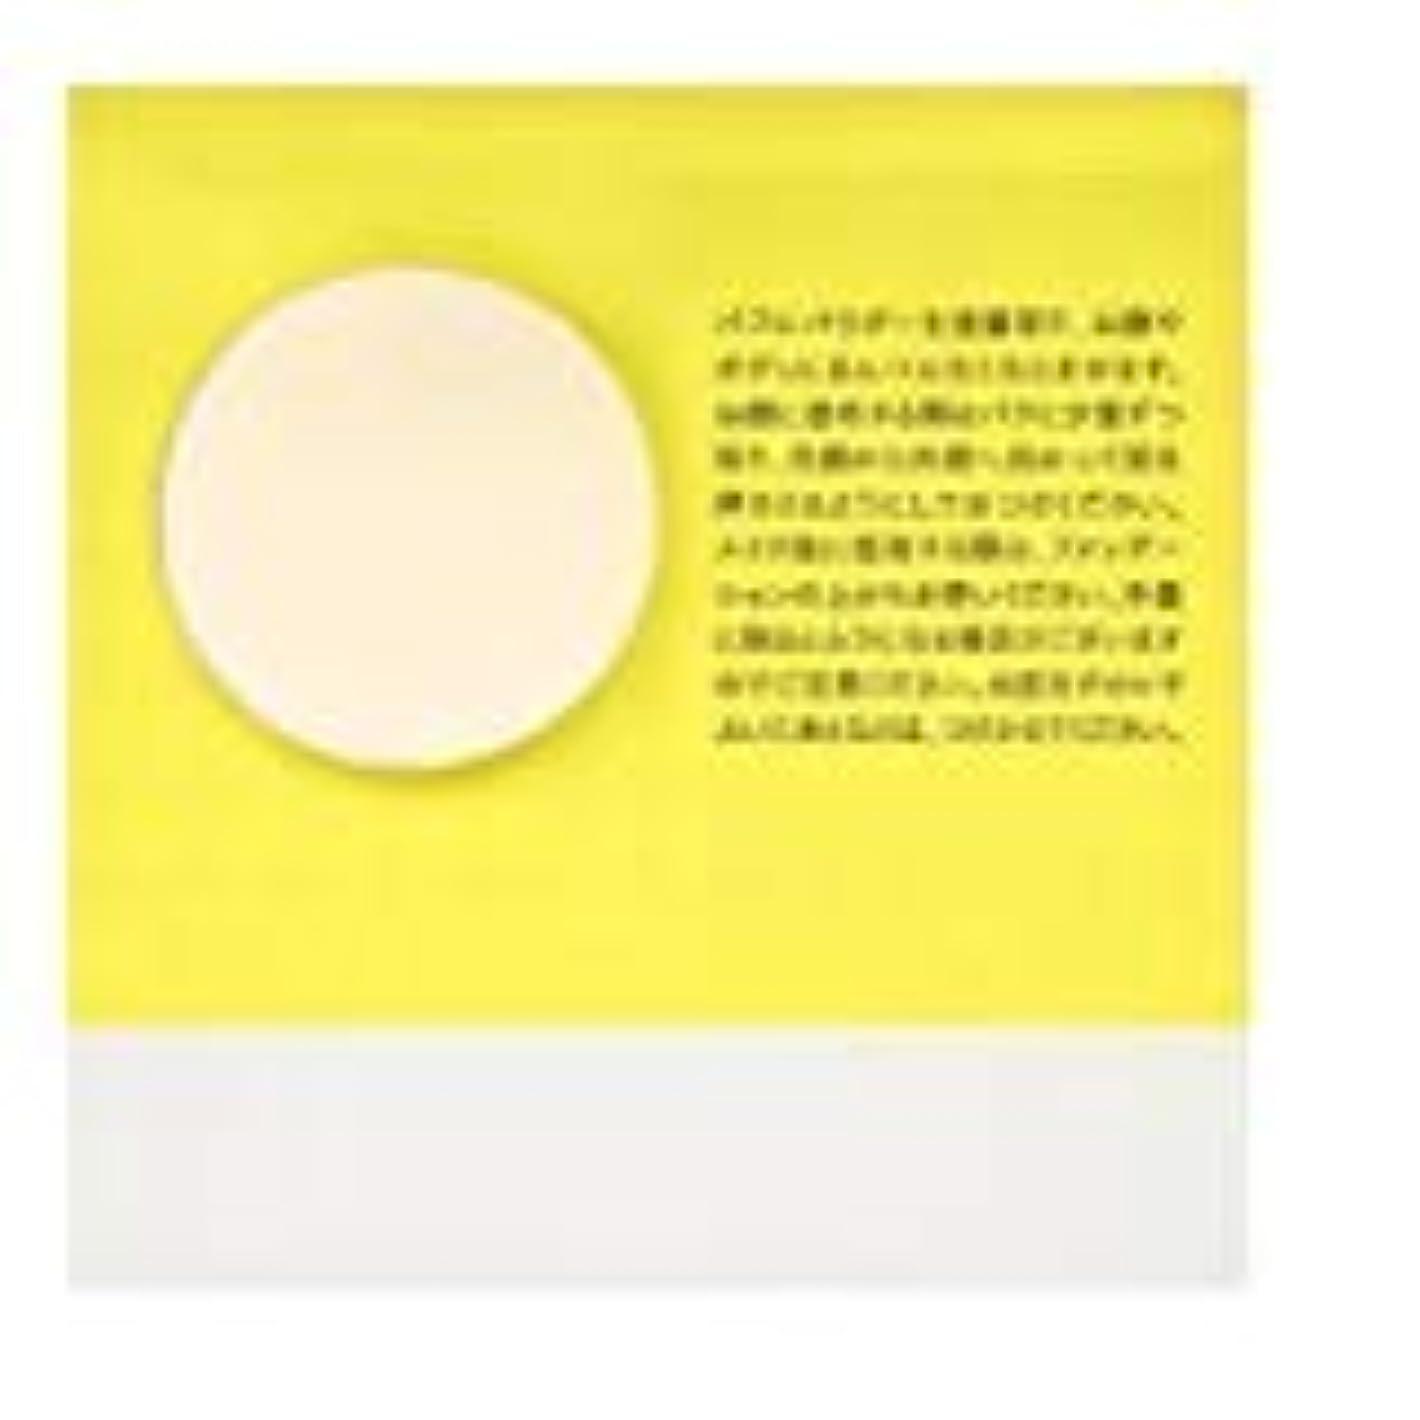 飢補償全能amritara(アムリターラ) オールライトサンスクリーンパウダー SPF38 PA+++ トライアル (ミニパフ付き)